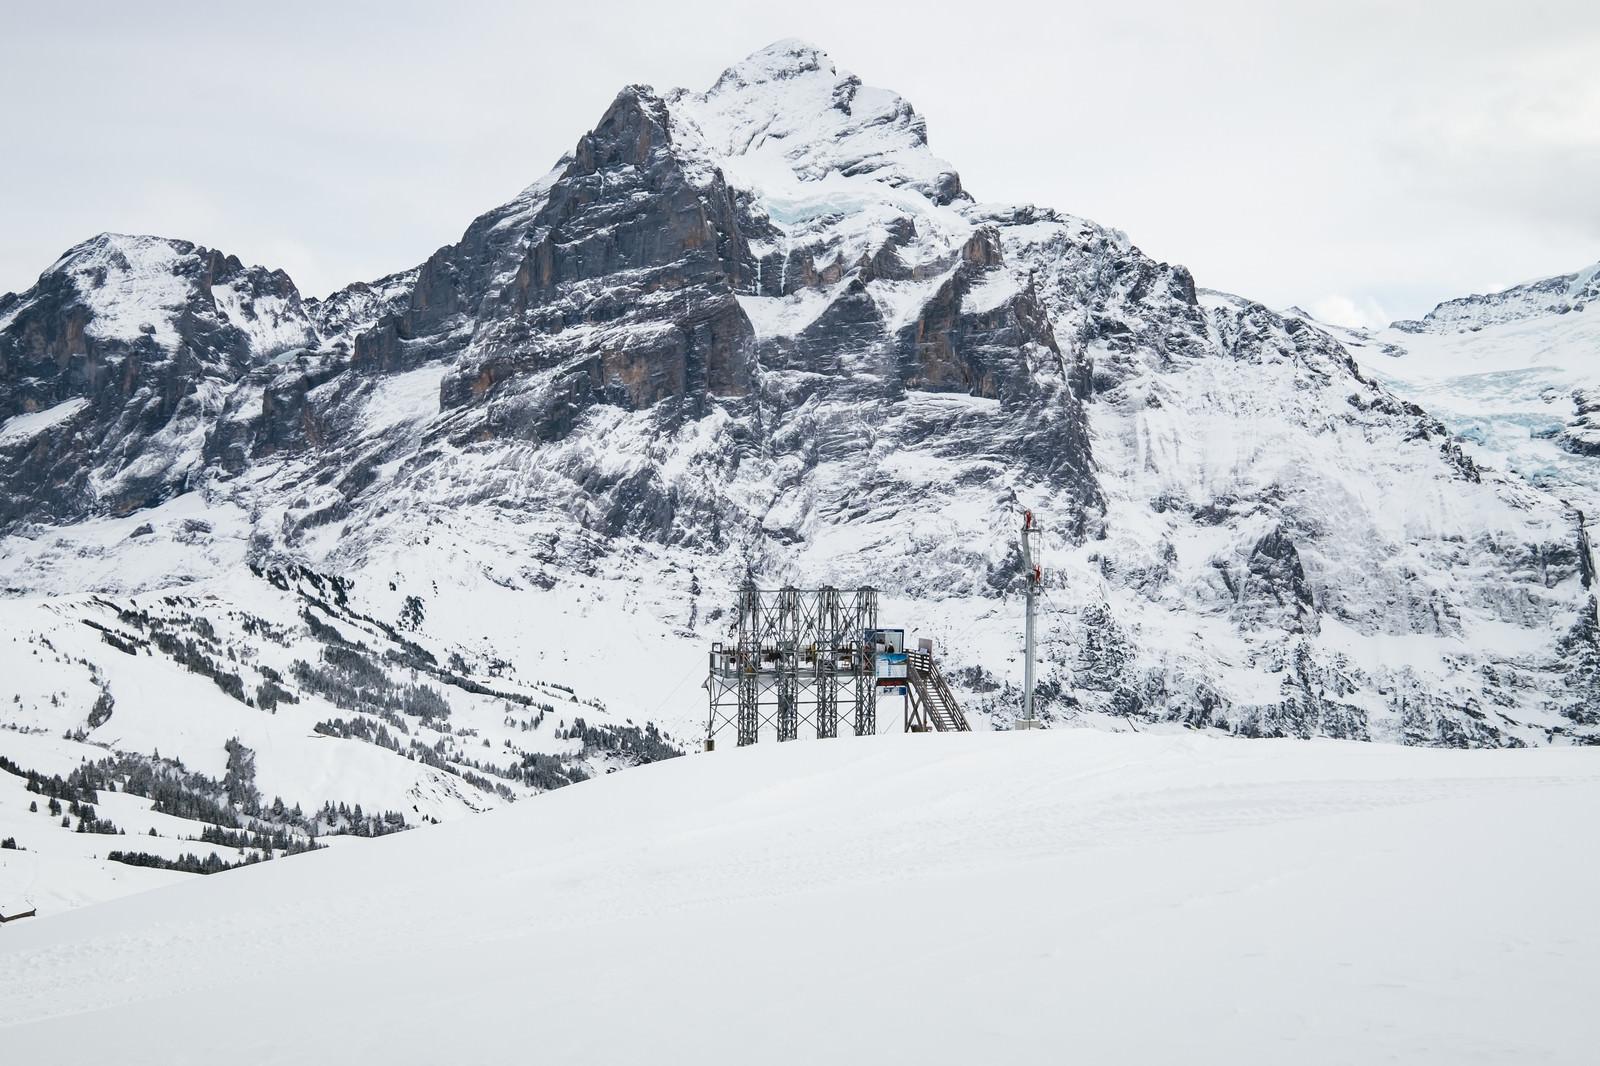 「雪山のゴンドラ設備(スイス)」の写真